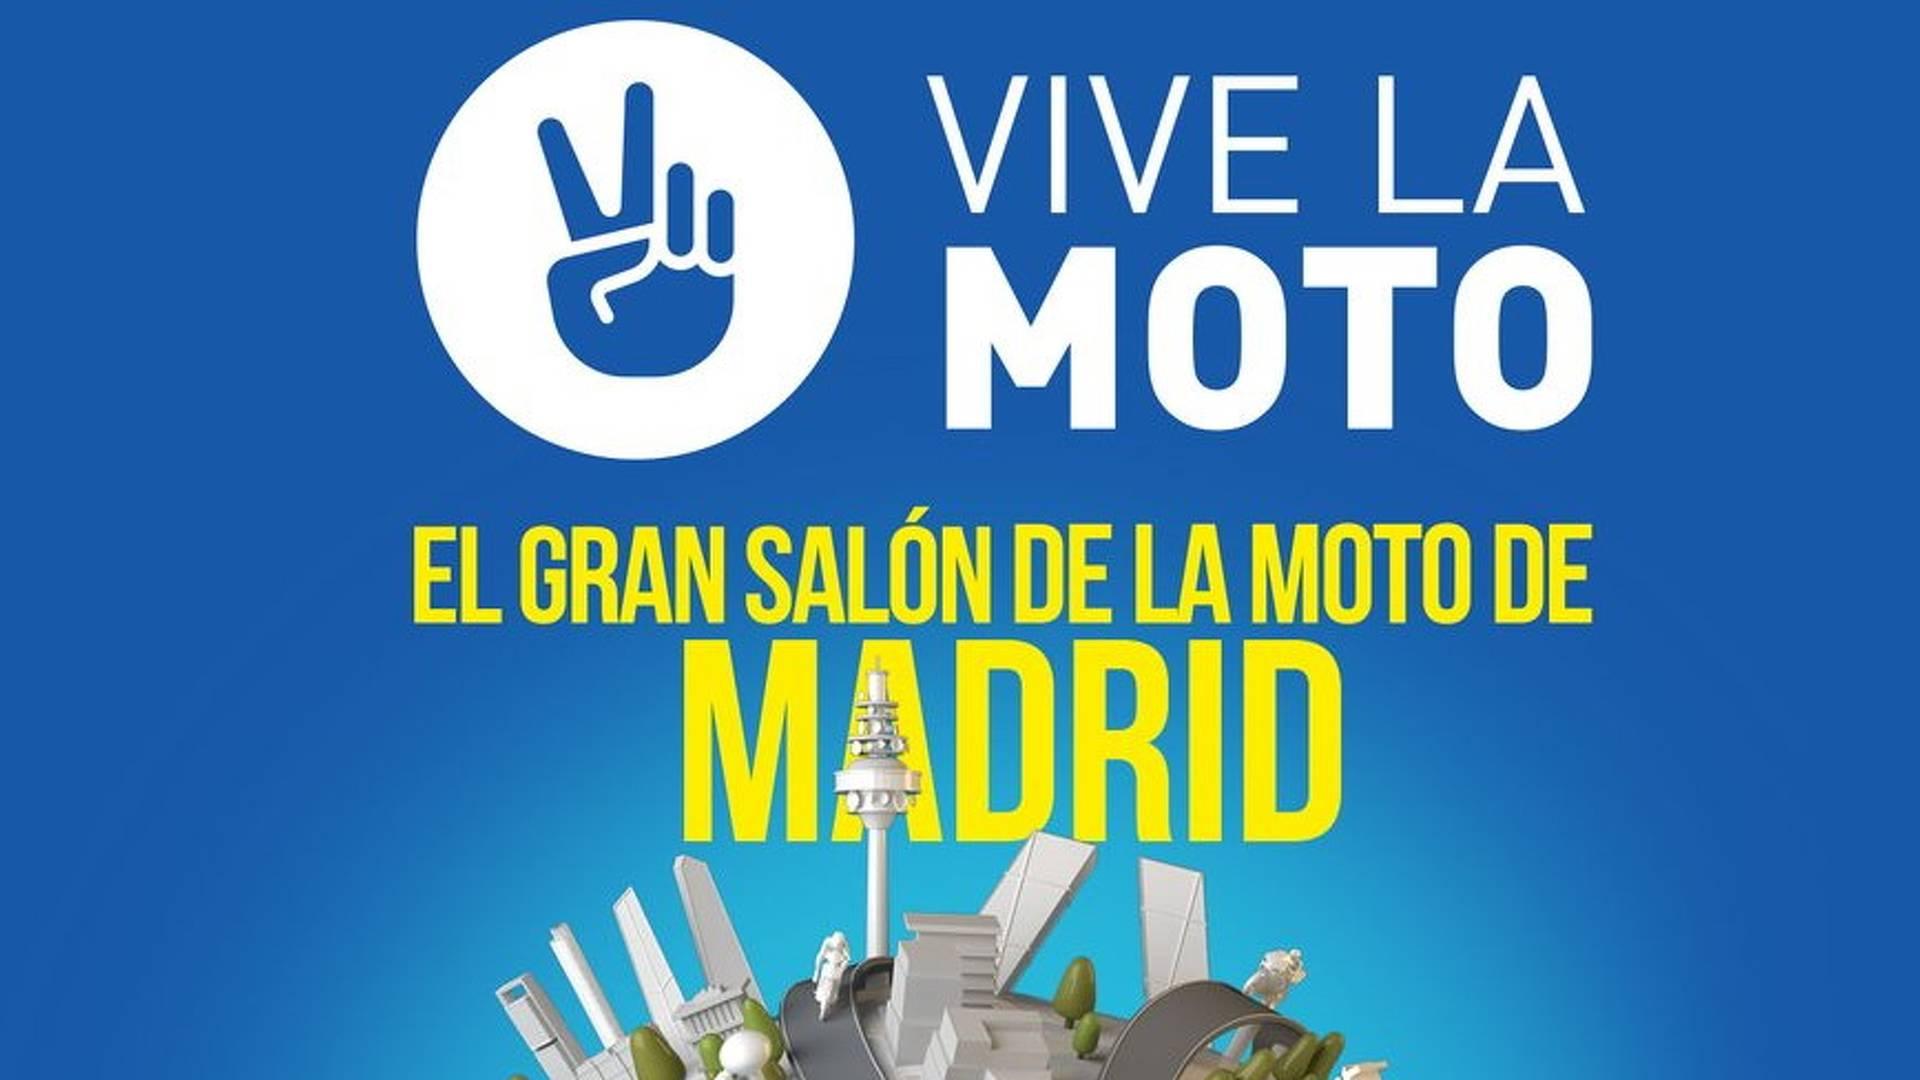 salon de la moto madrid Vive la moto anesdor